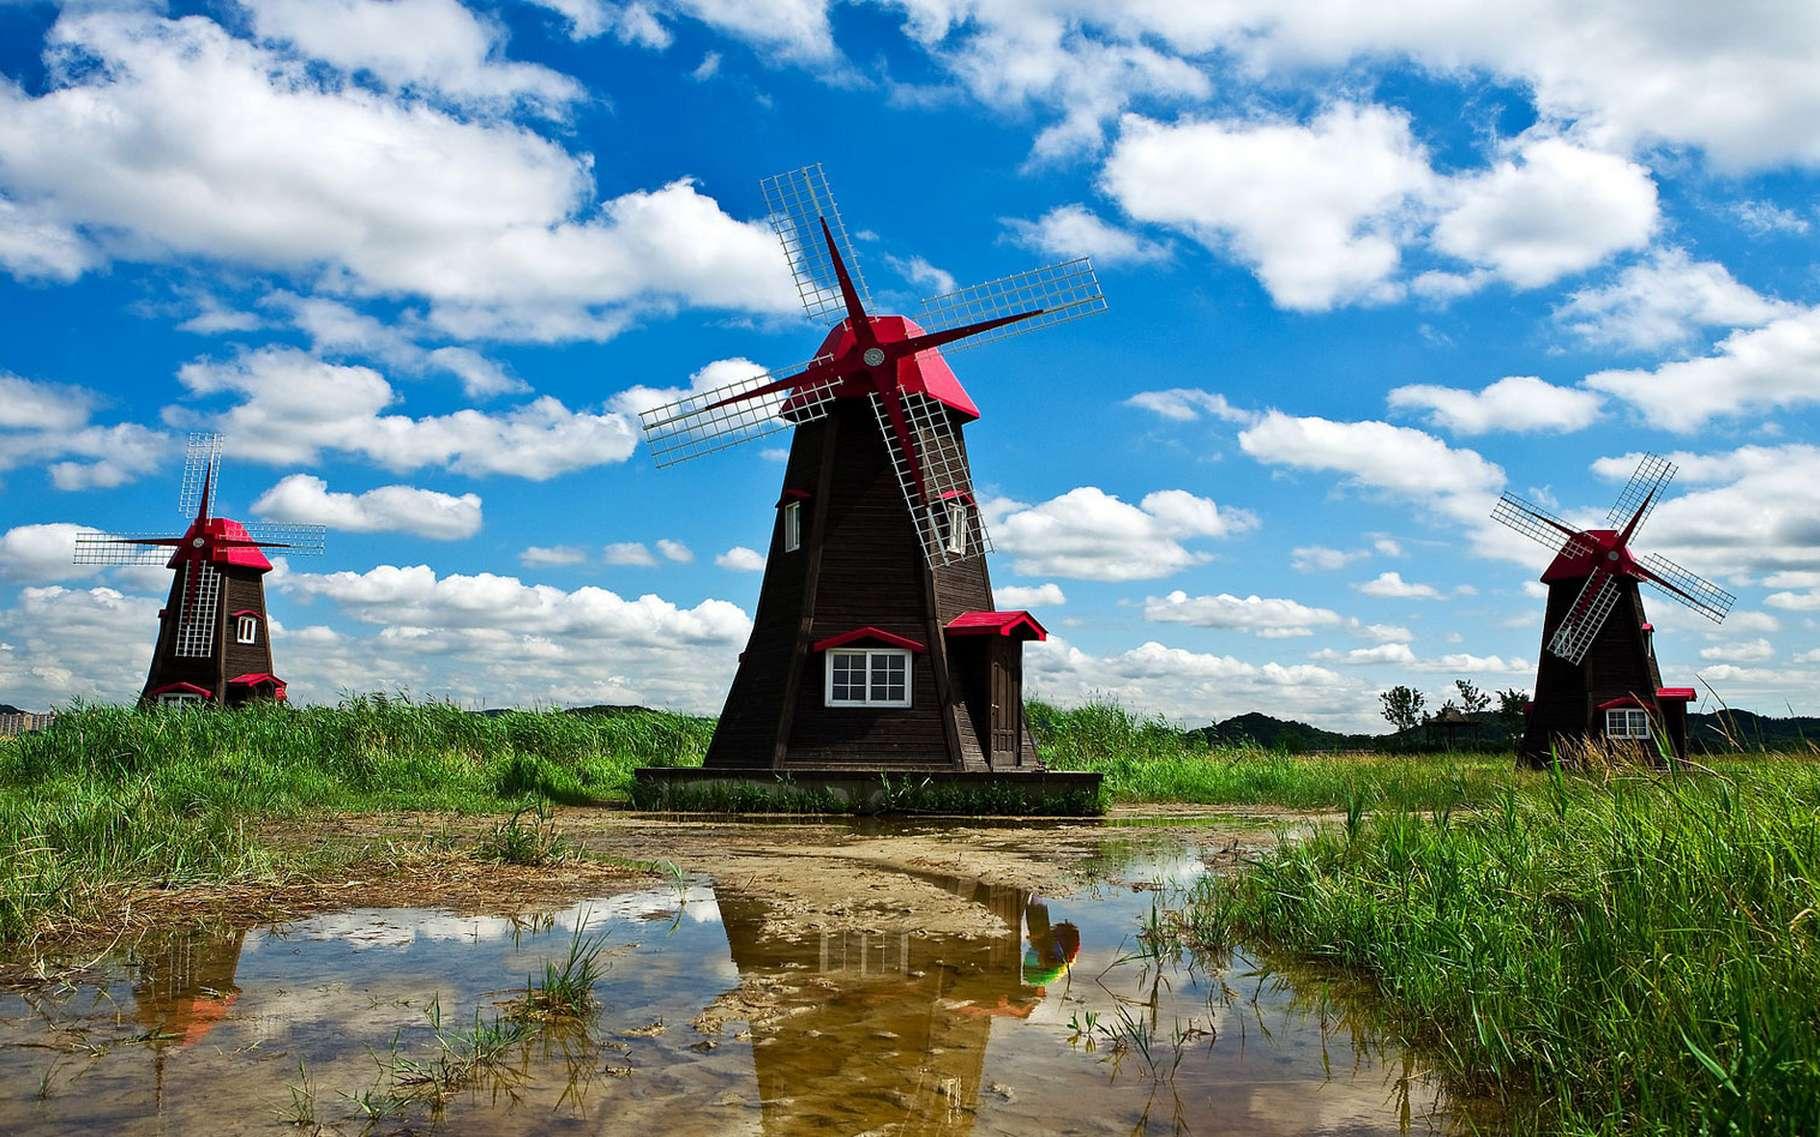 Loin d'être démodés, les moulins à vent ont encore une valeur esthétique et culturelle. © Usagi_Post CC0